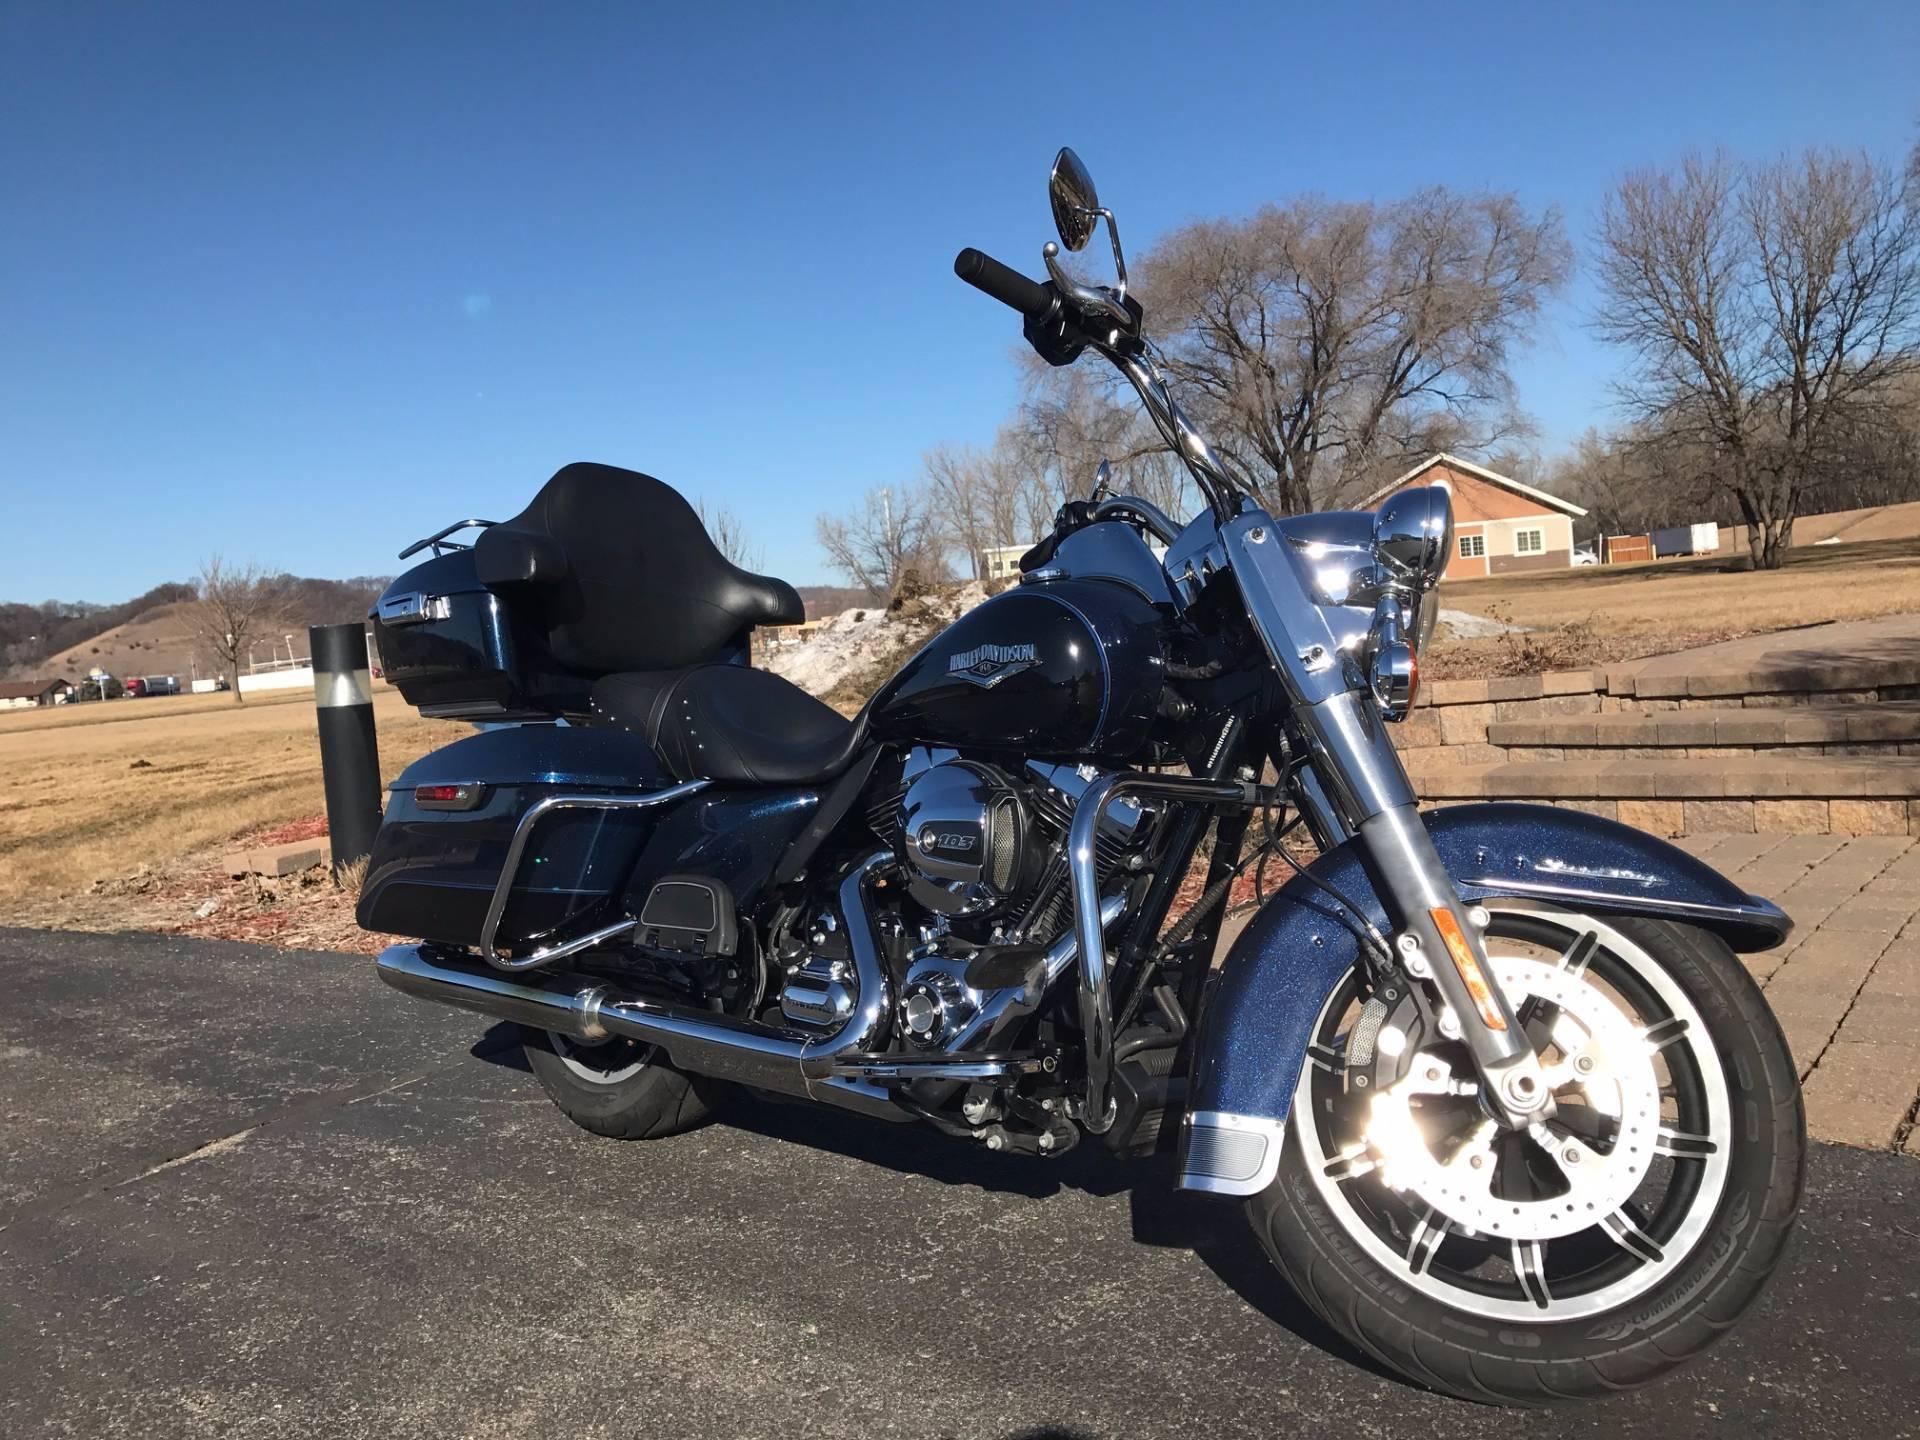 2014 Harley-Davidson Road King in Mankato, Minnesota